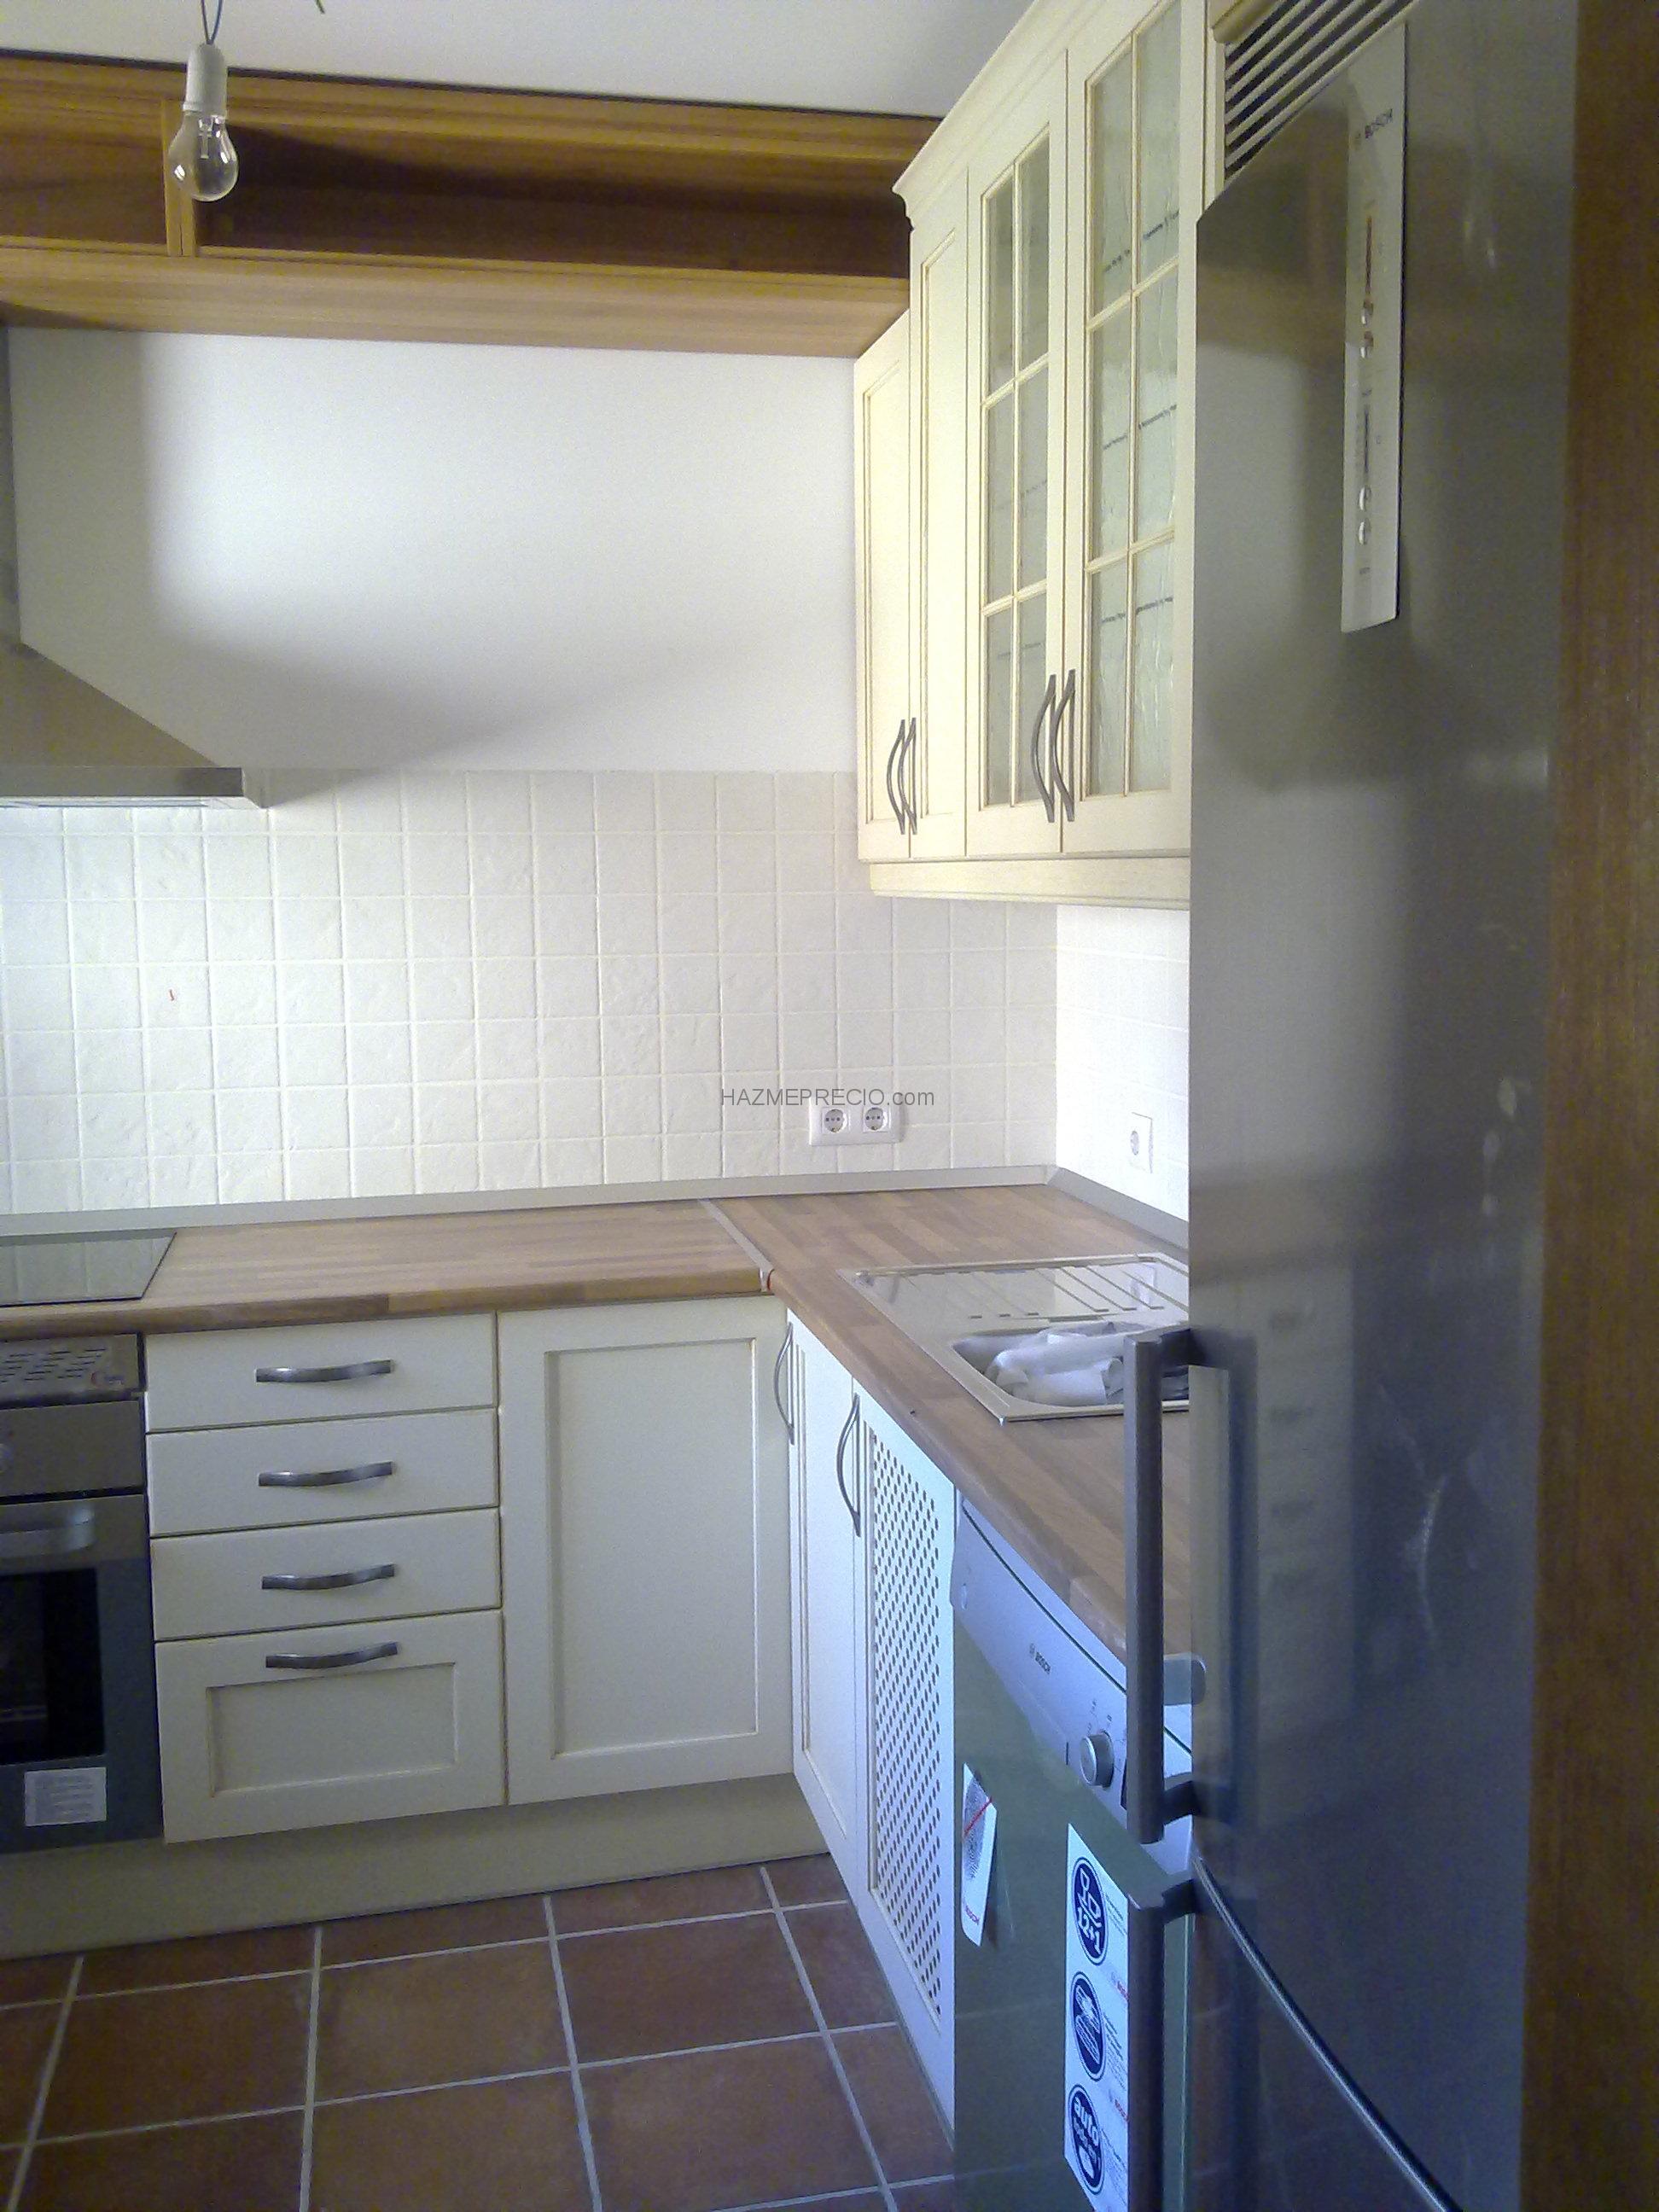 Muebles de cocina eurolar 28018 madrid madrid - Encimeras rusticas ...